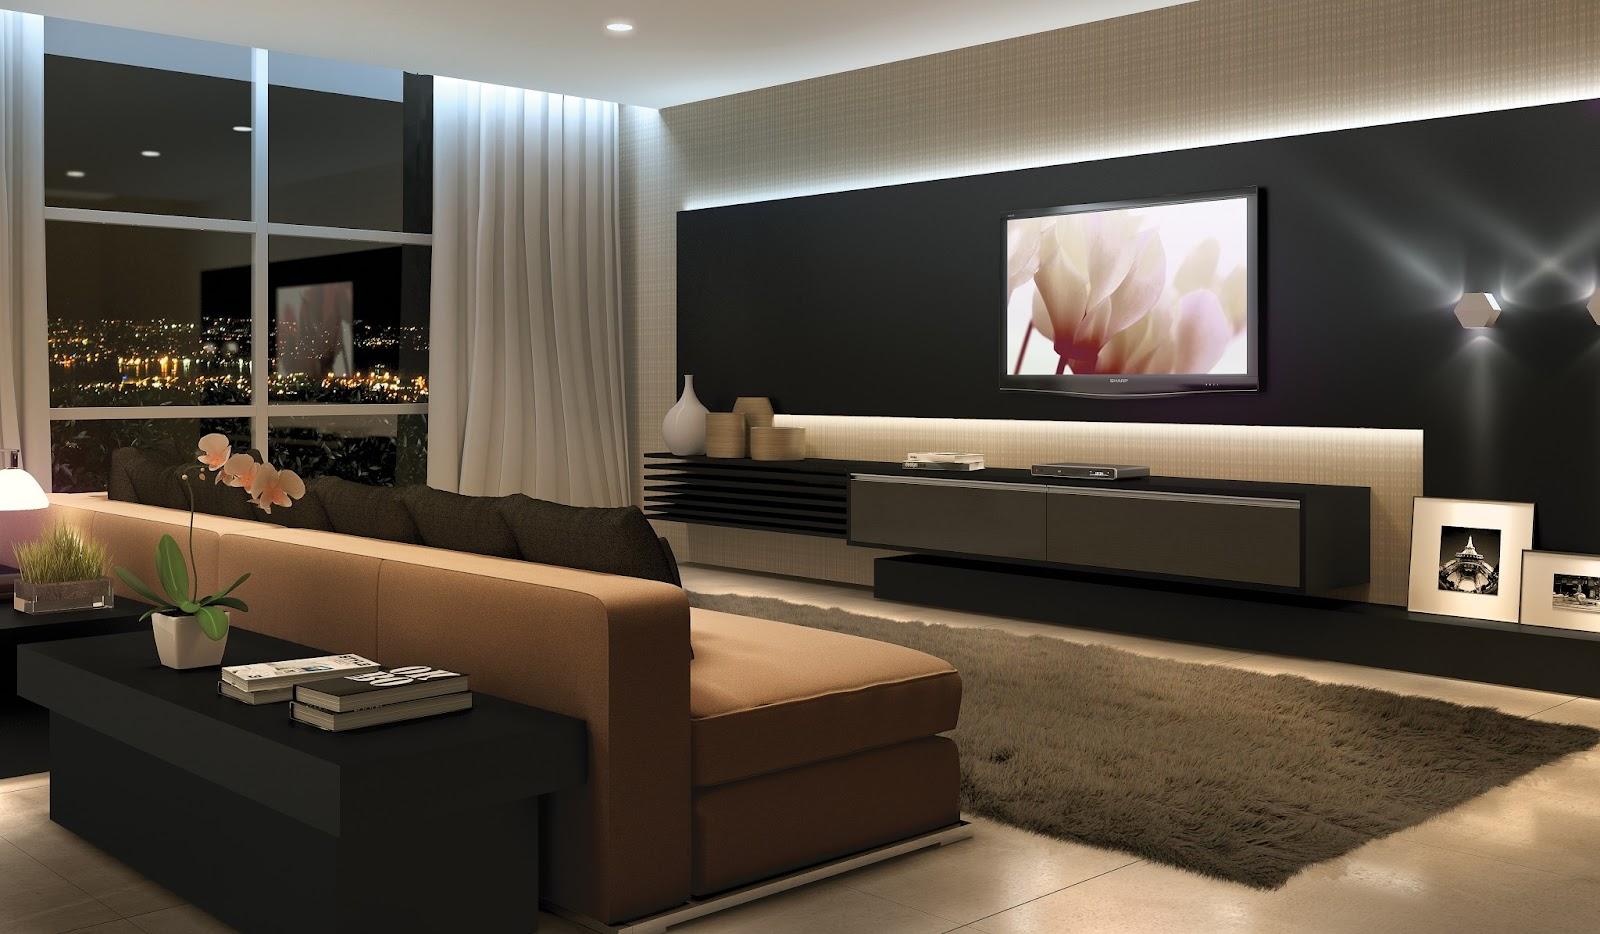 Os móveis planejados ou uma marcenaria de alto padrão conferirá ao